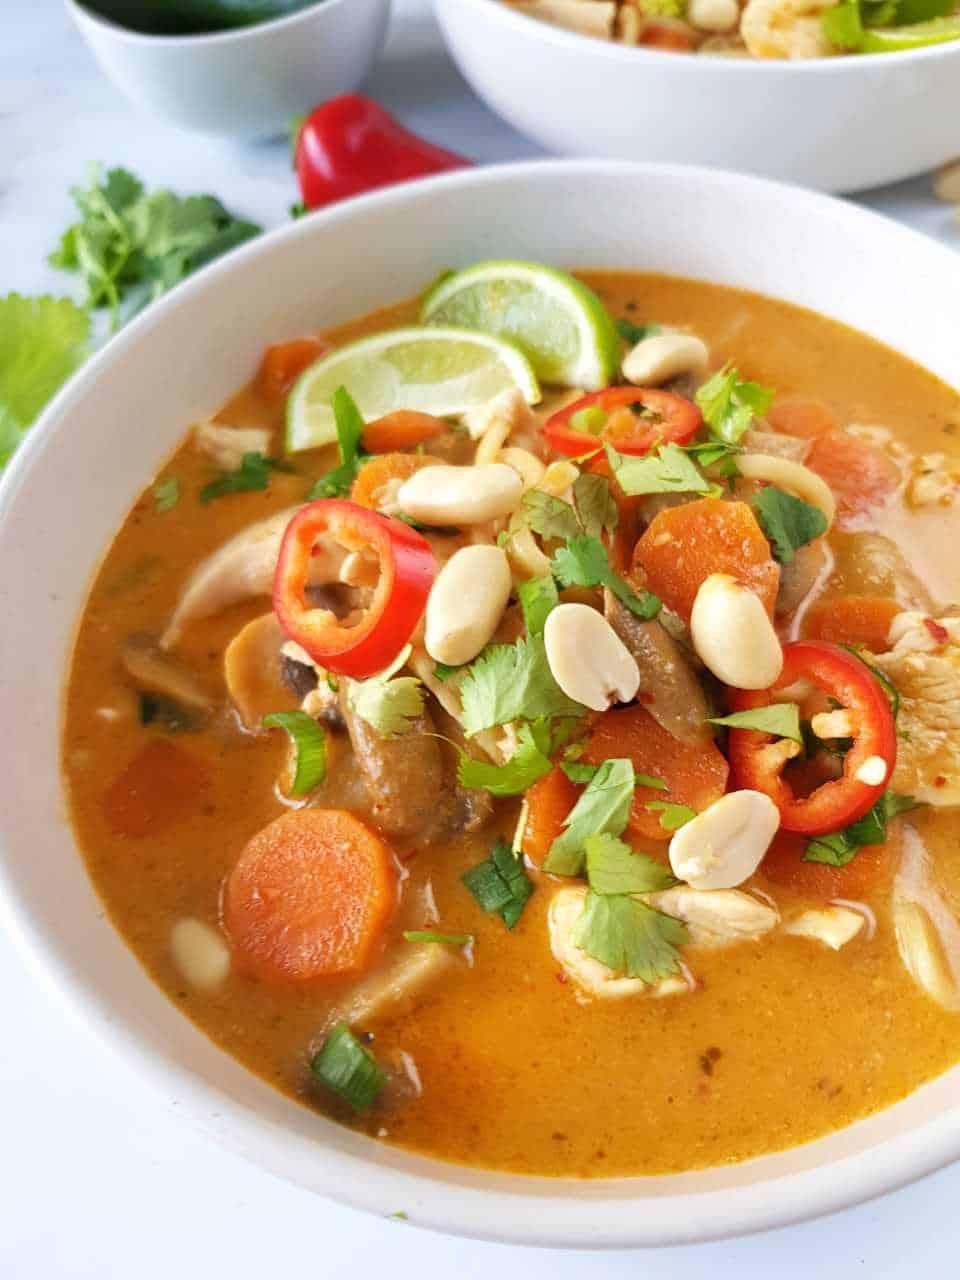 Thai coconut ramen in a white bowl.